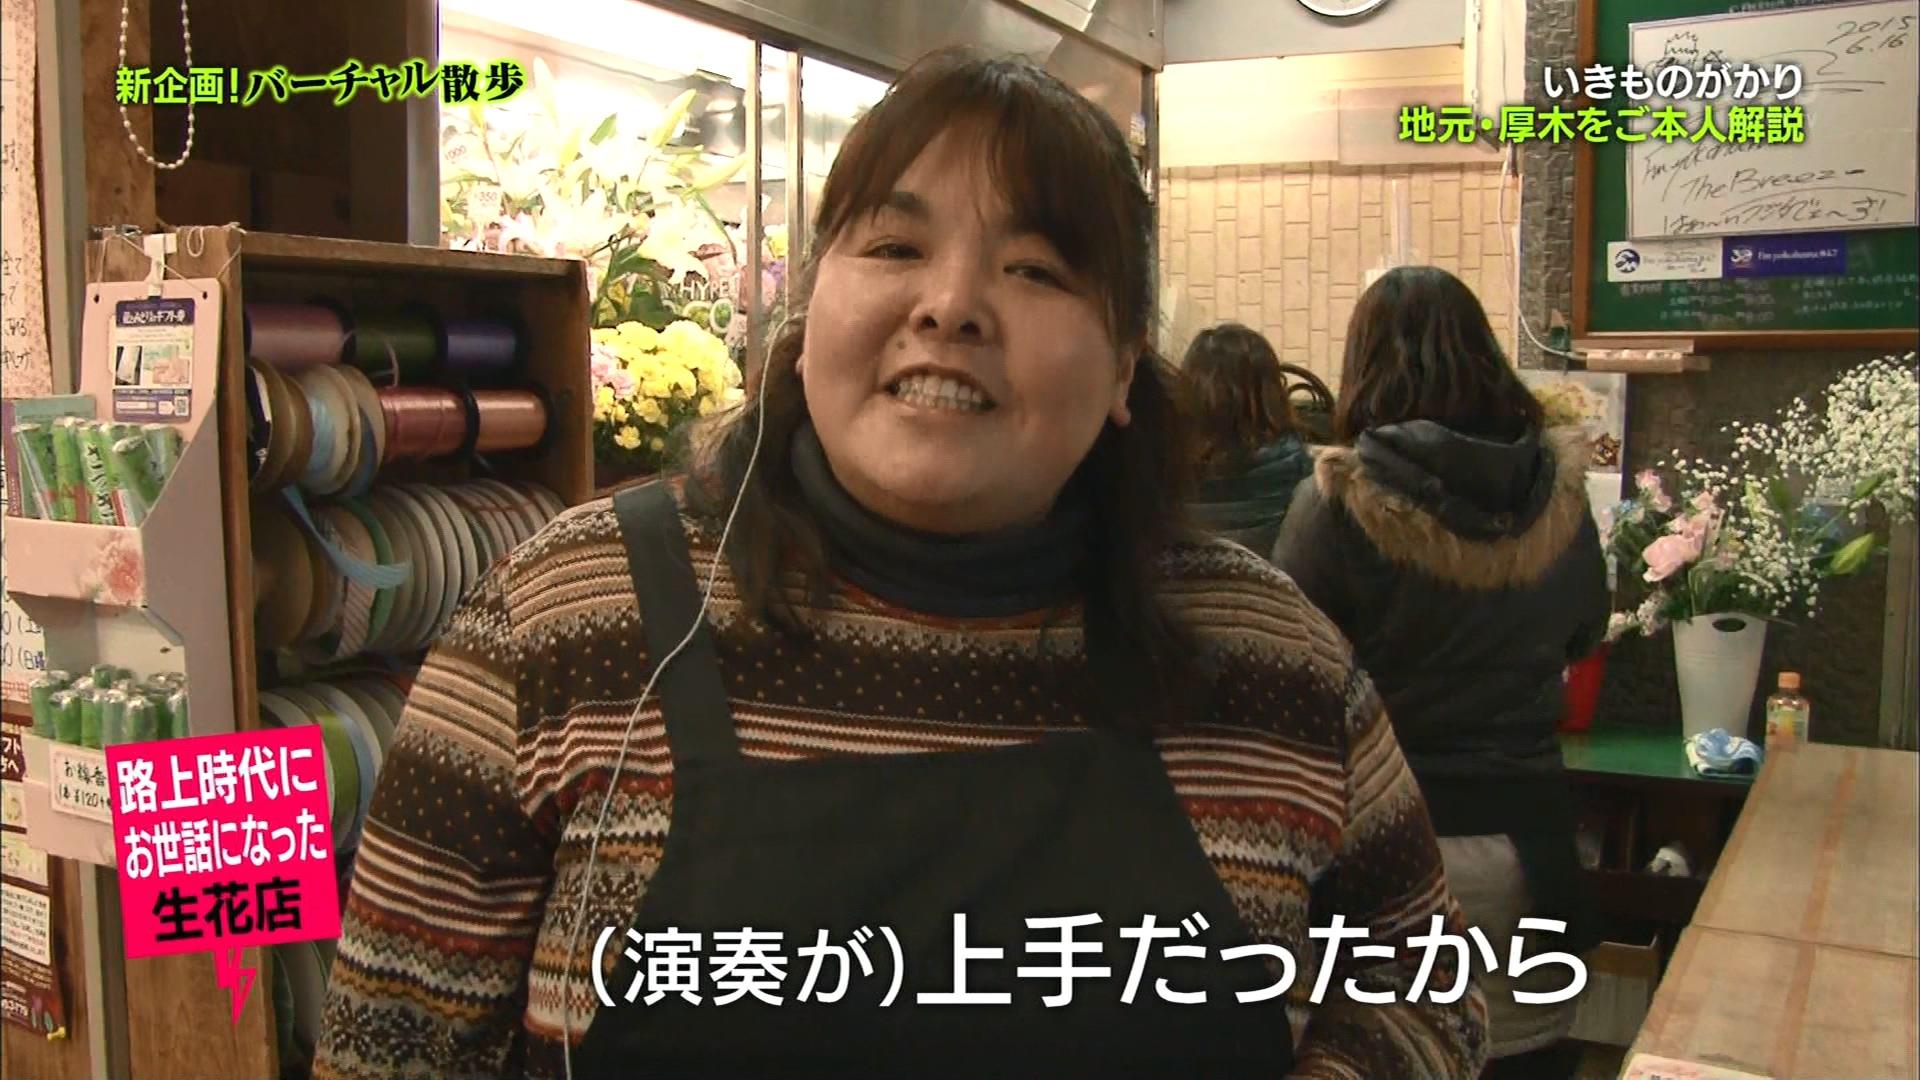 2016.03.11 全場(バズリズム).ts_20160312_025049.386